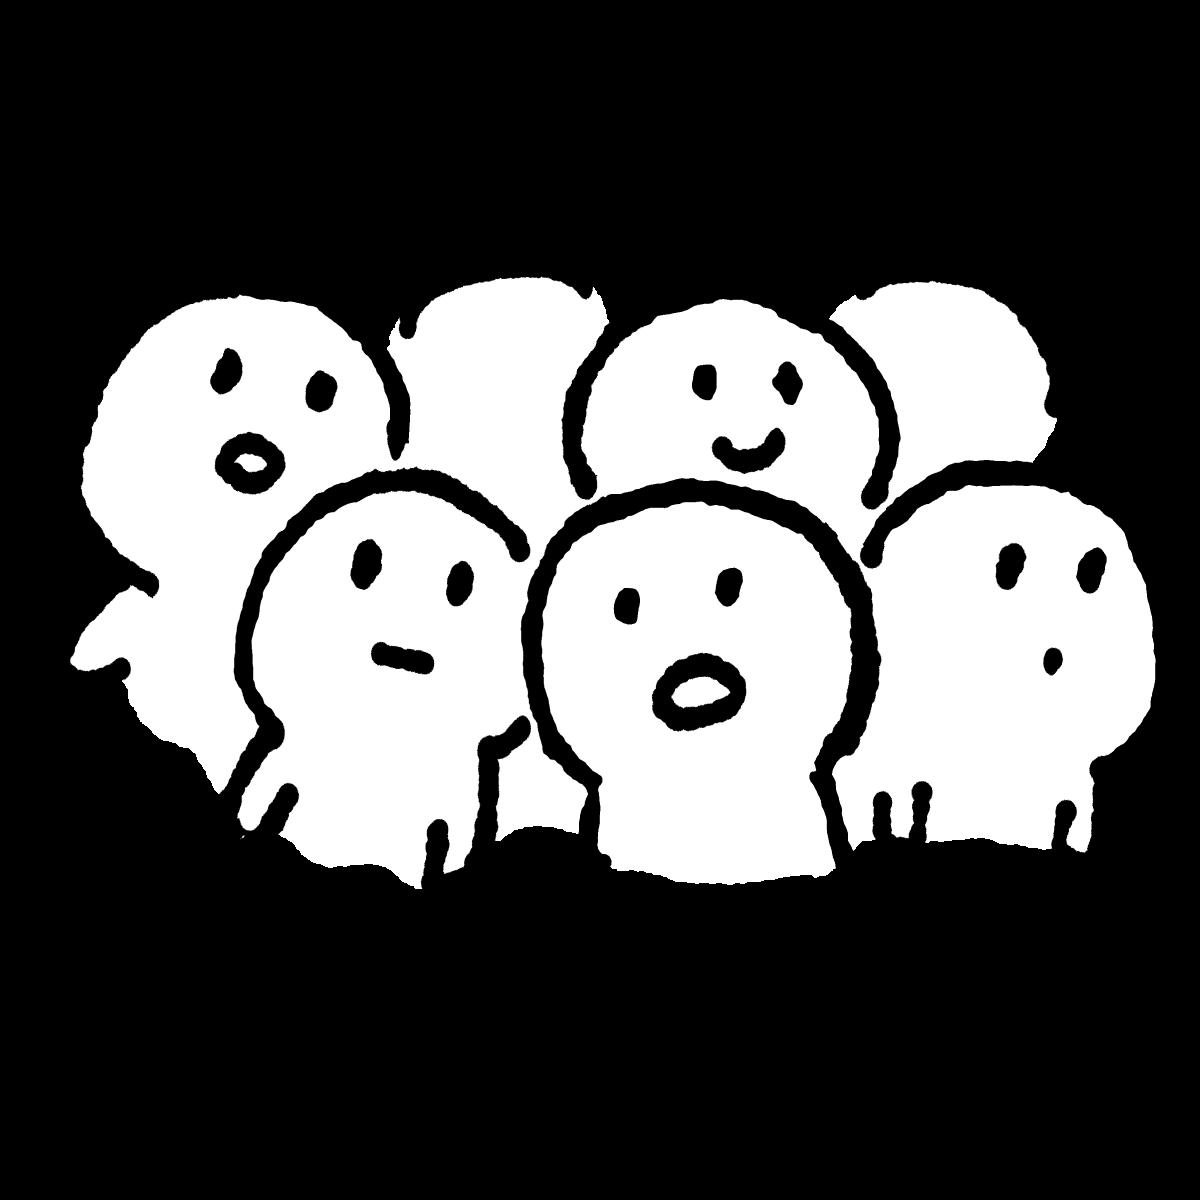 密集する(三密)のイラスト / Condense Illustration